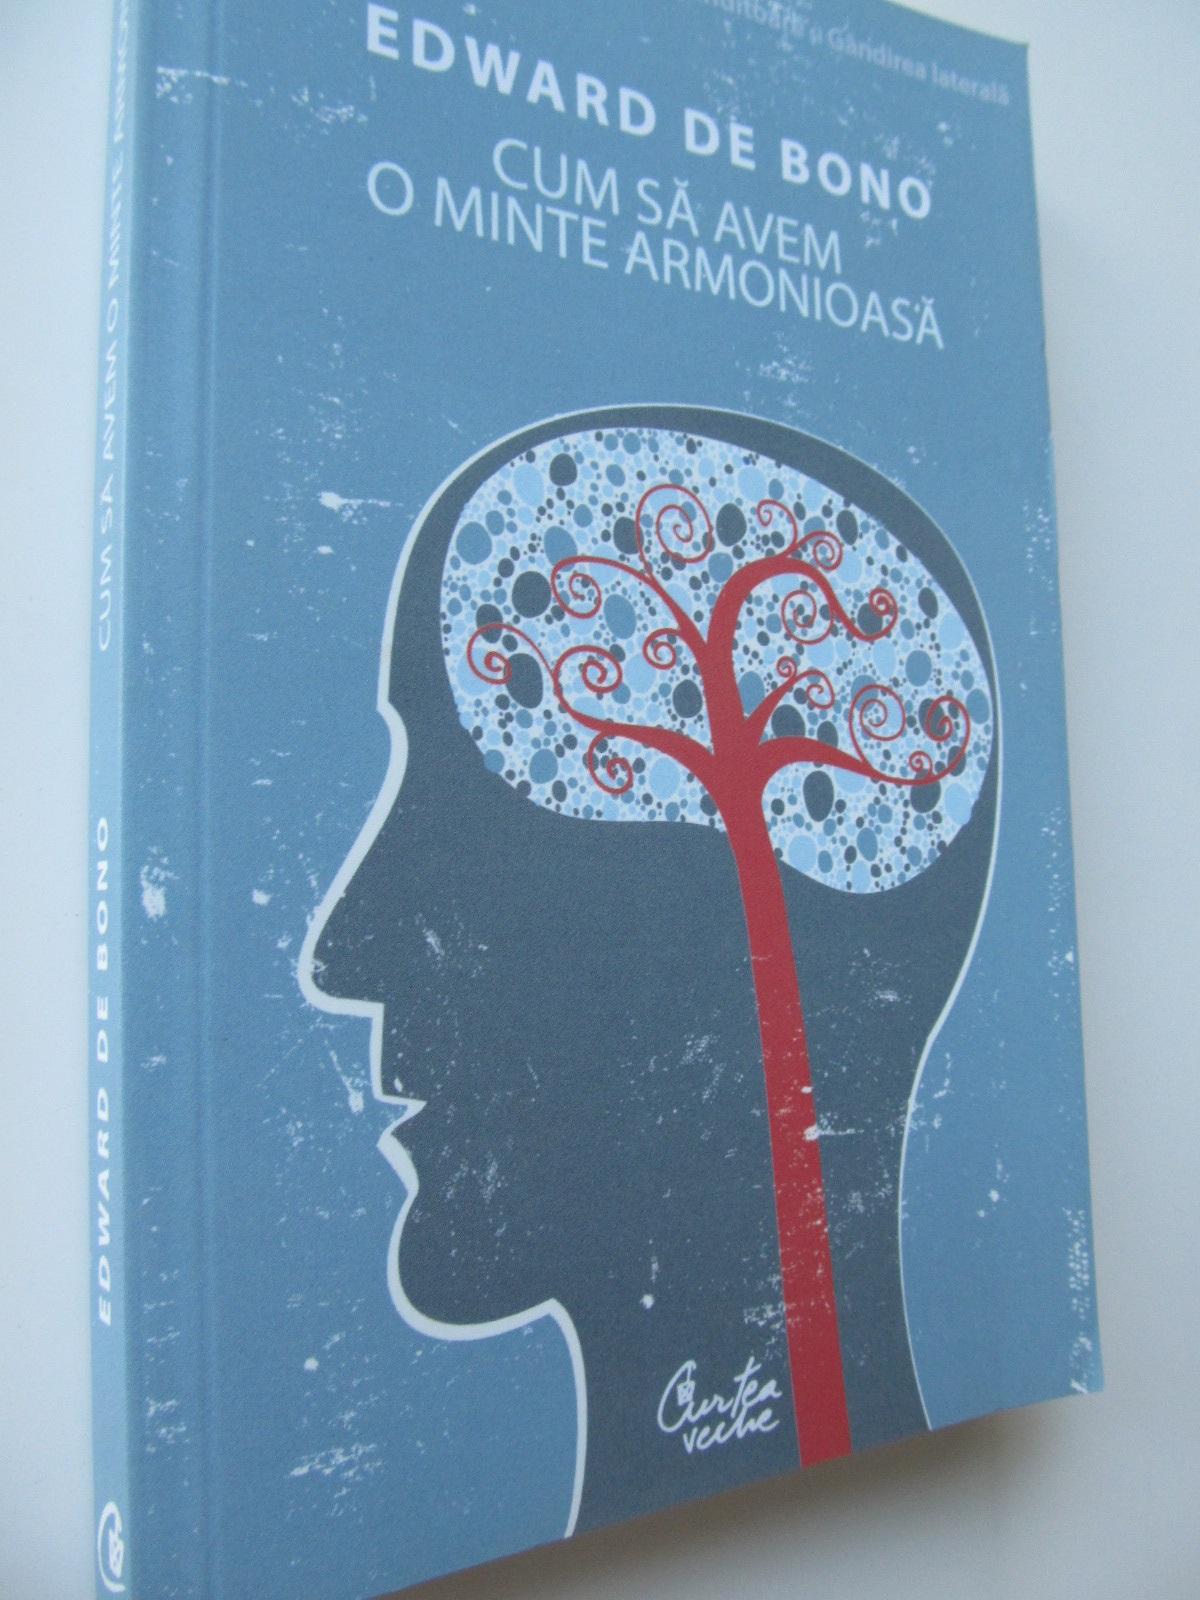 Cum sa avem o minte armonioasa - Edward de Bono | Detalii carte